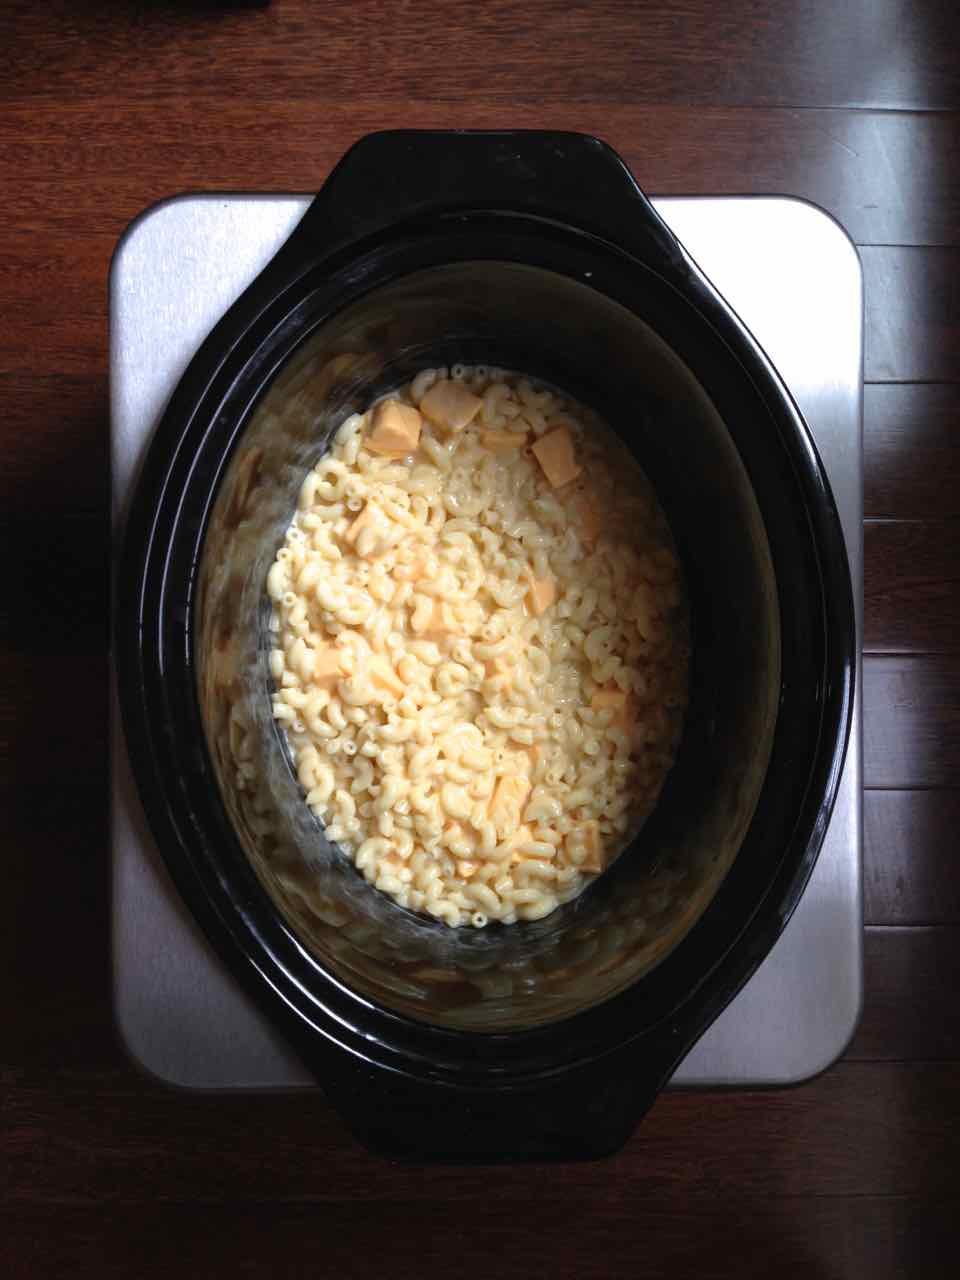 SC Mac N Cheese c2014 TRC 3.jpg